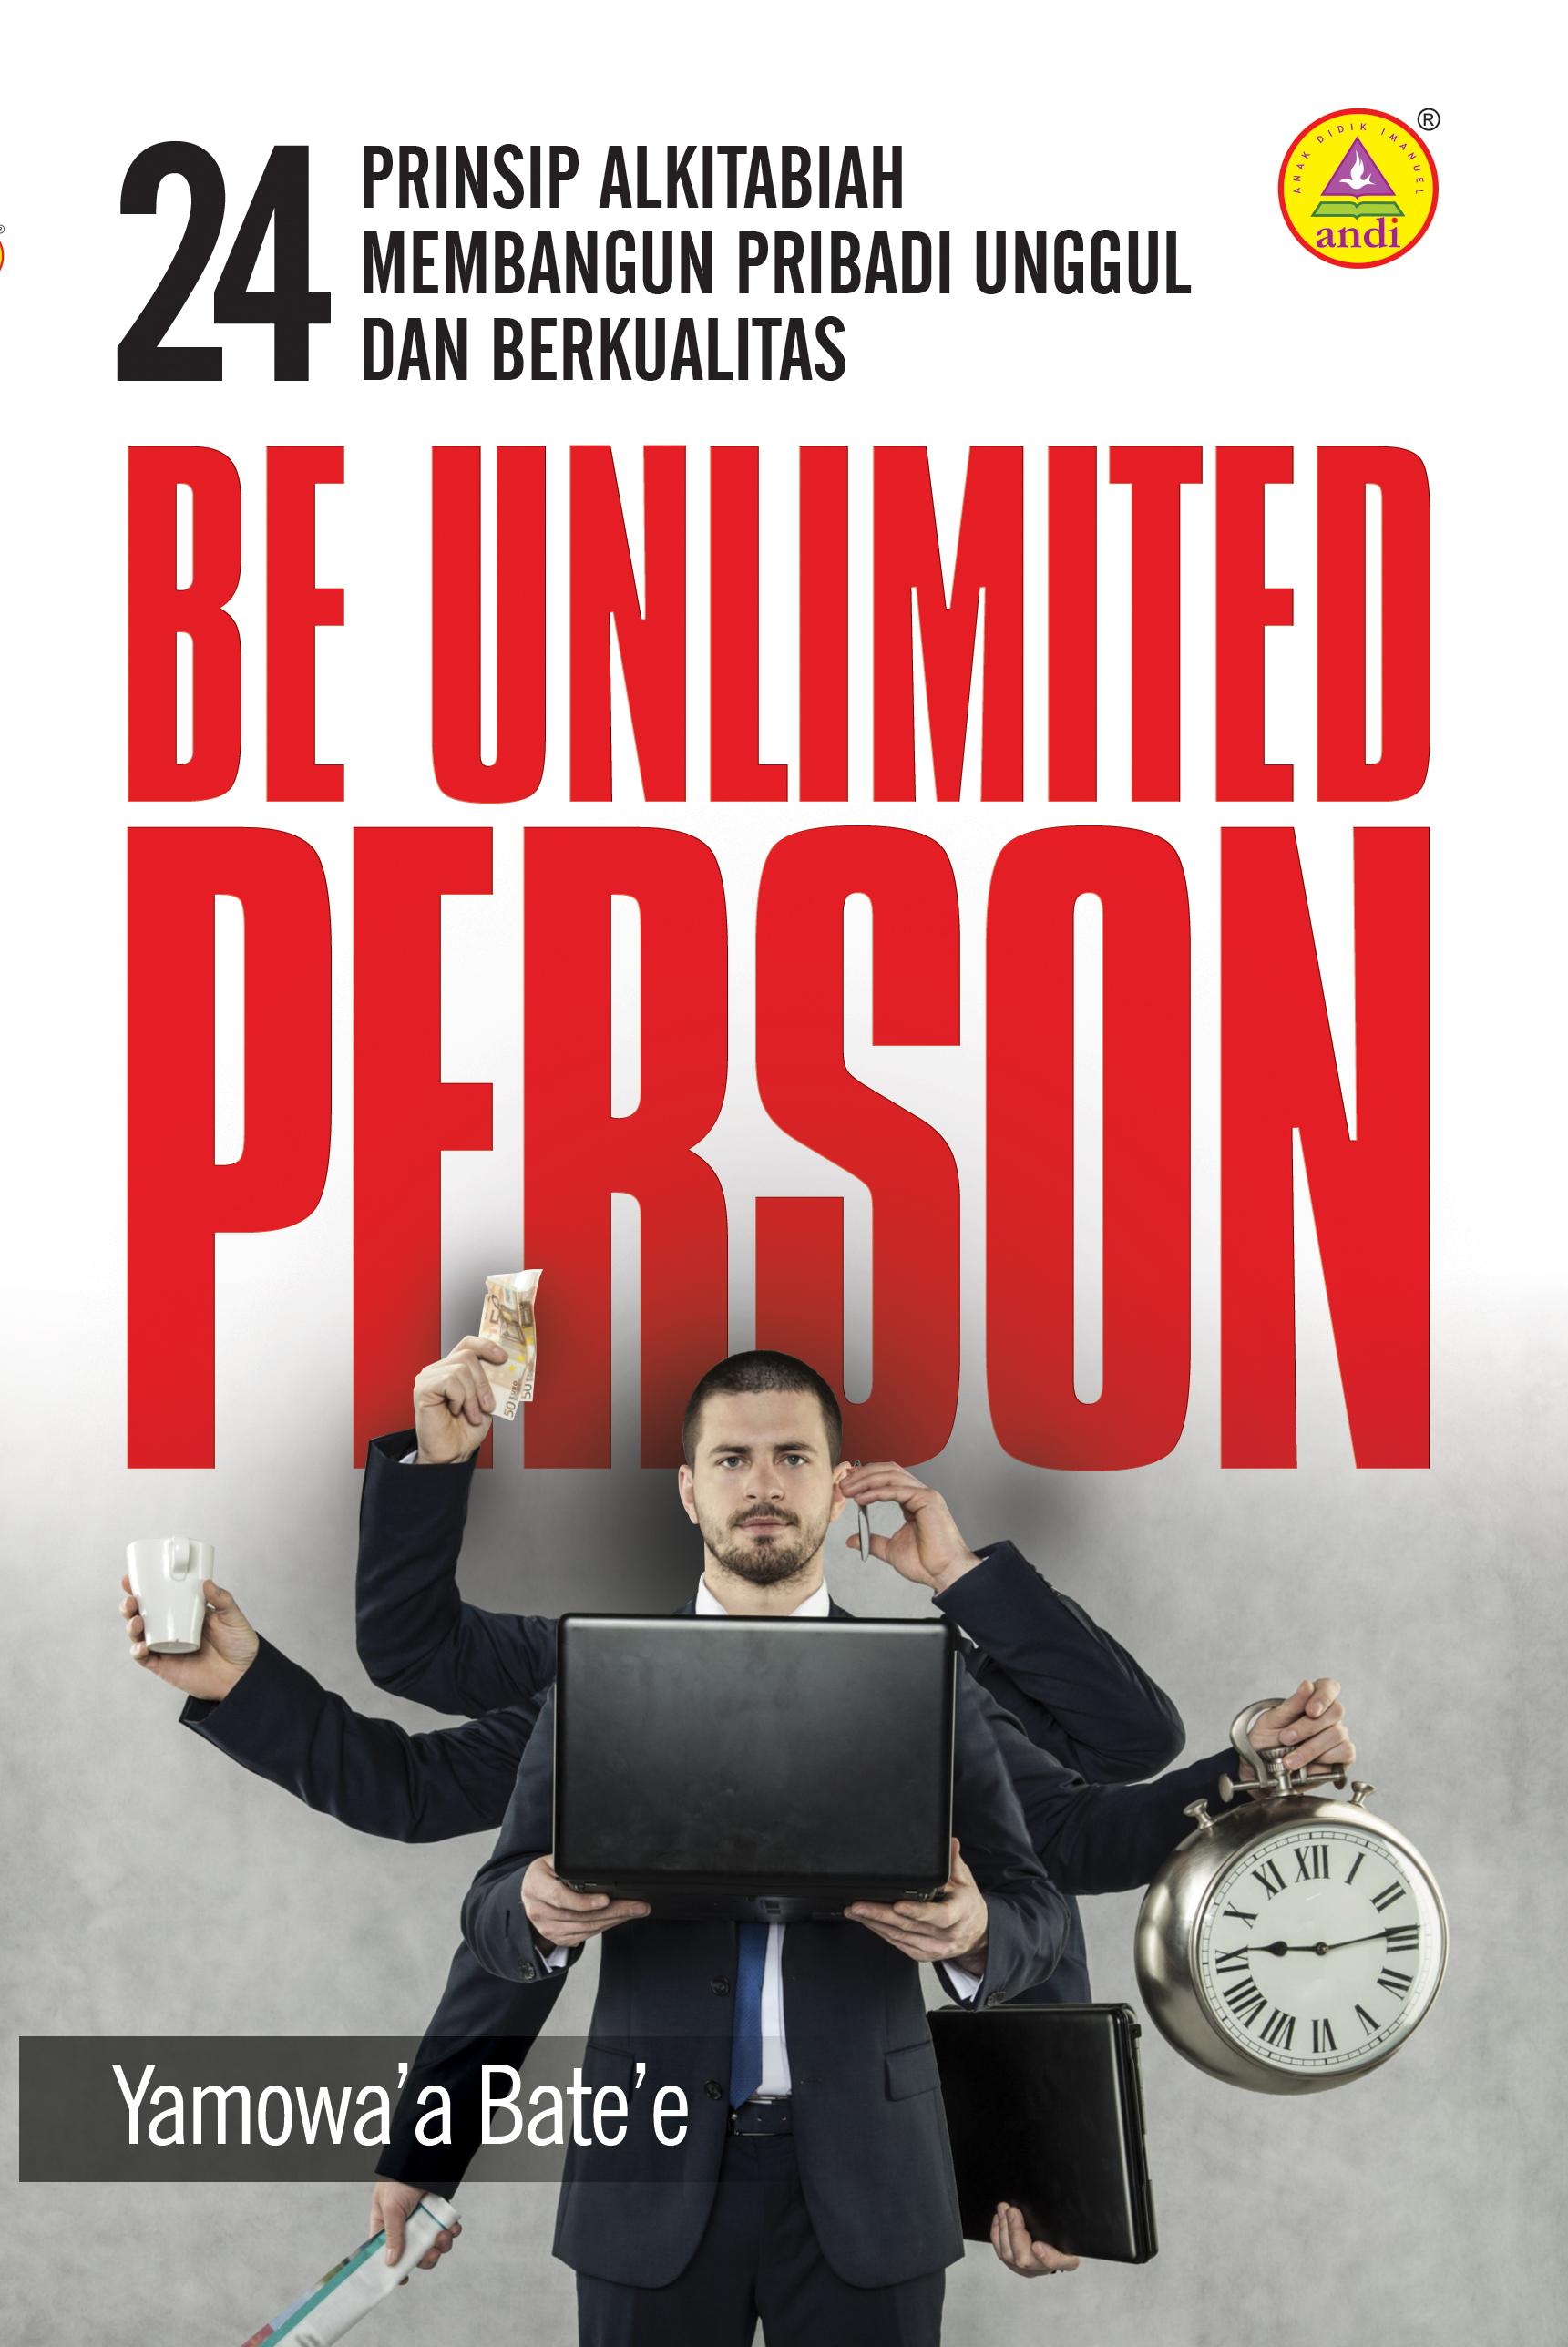 Be unlimited person, 24 prinsip alkitabiah membangun pribadi unggul dan berkualitas [sumber elektronis]